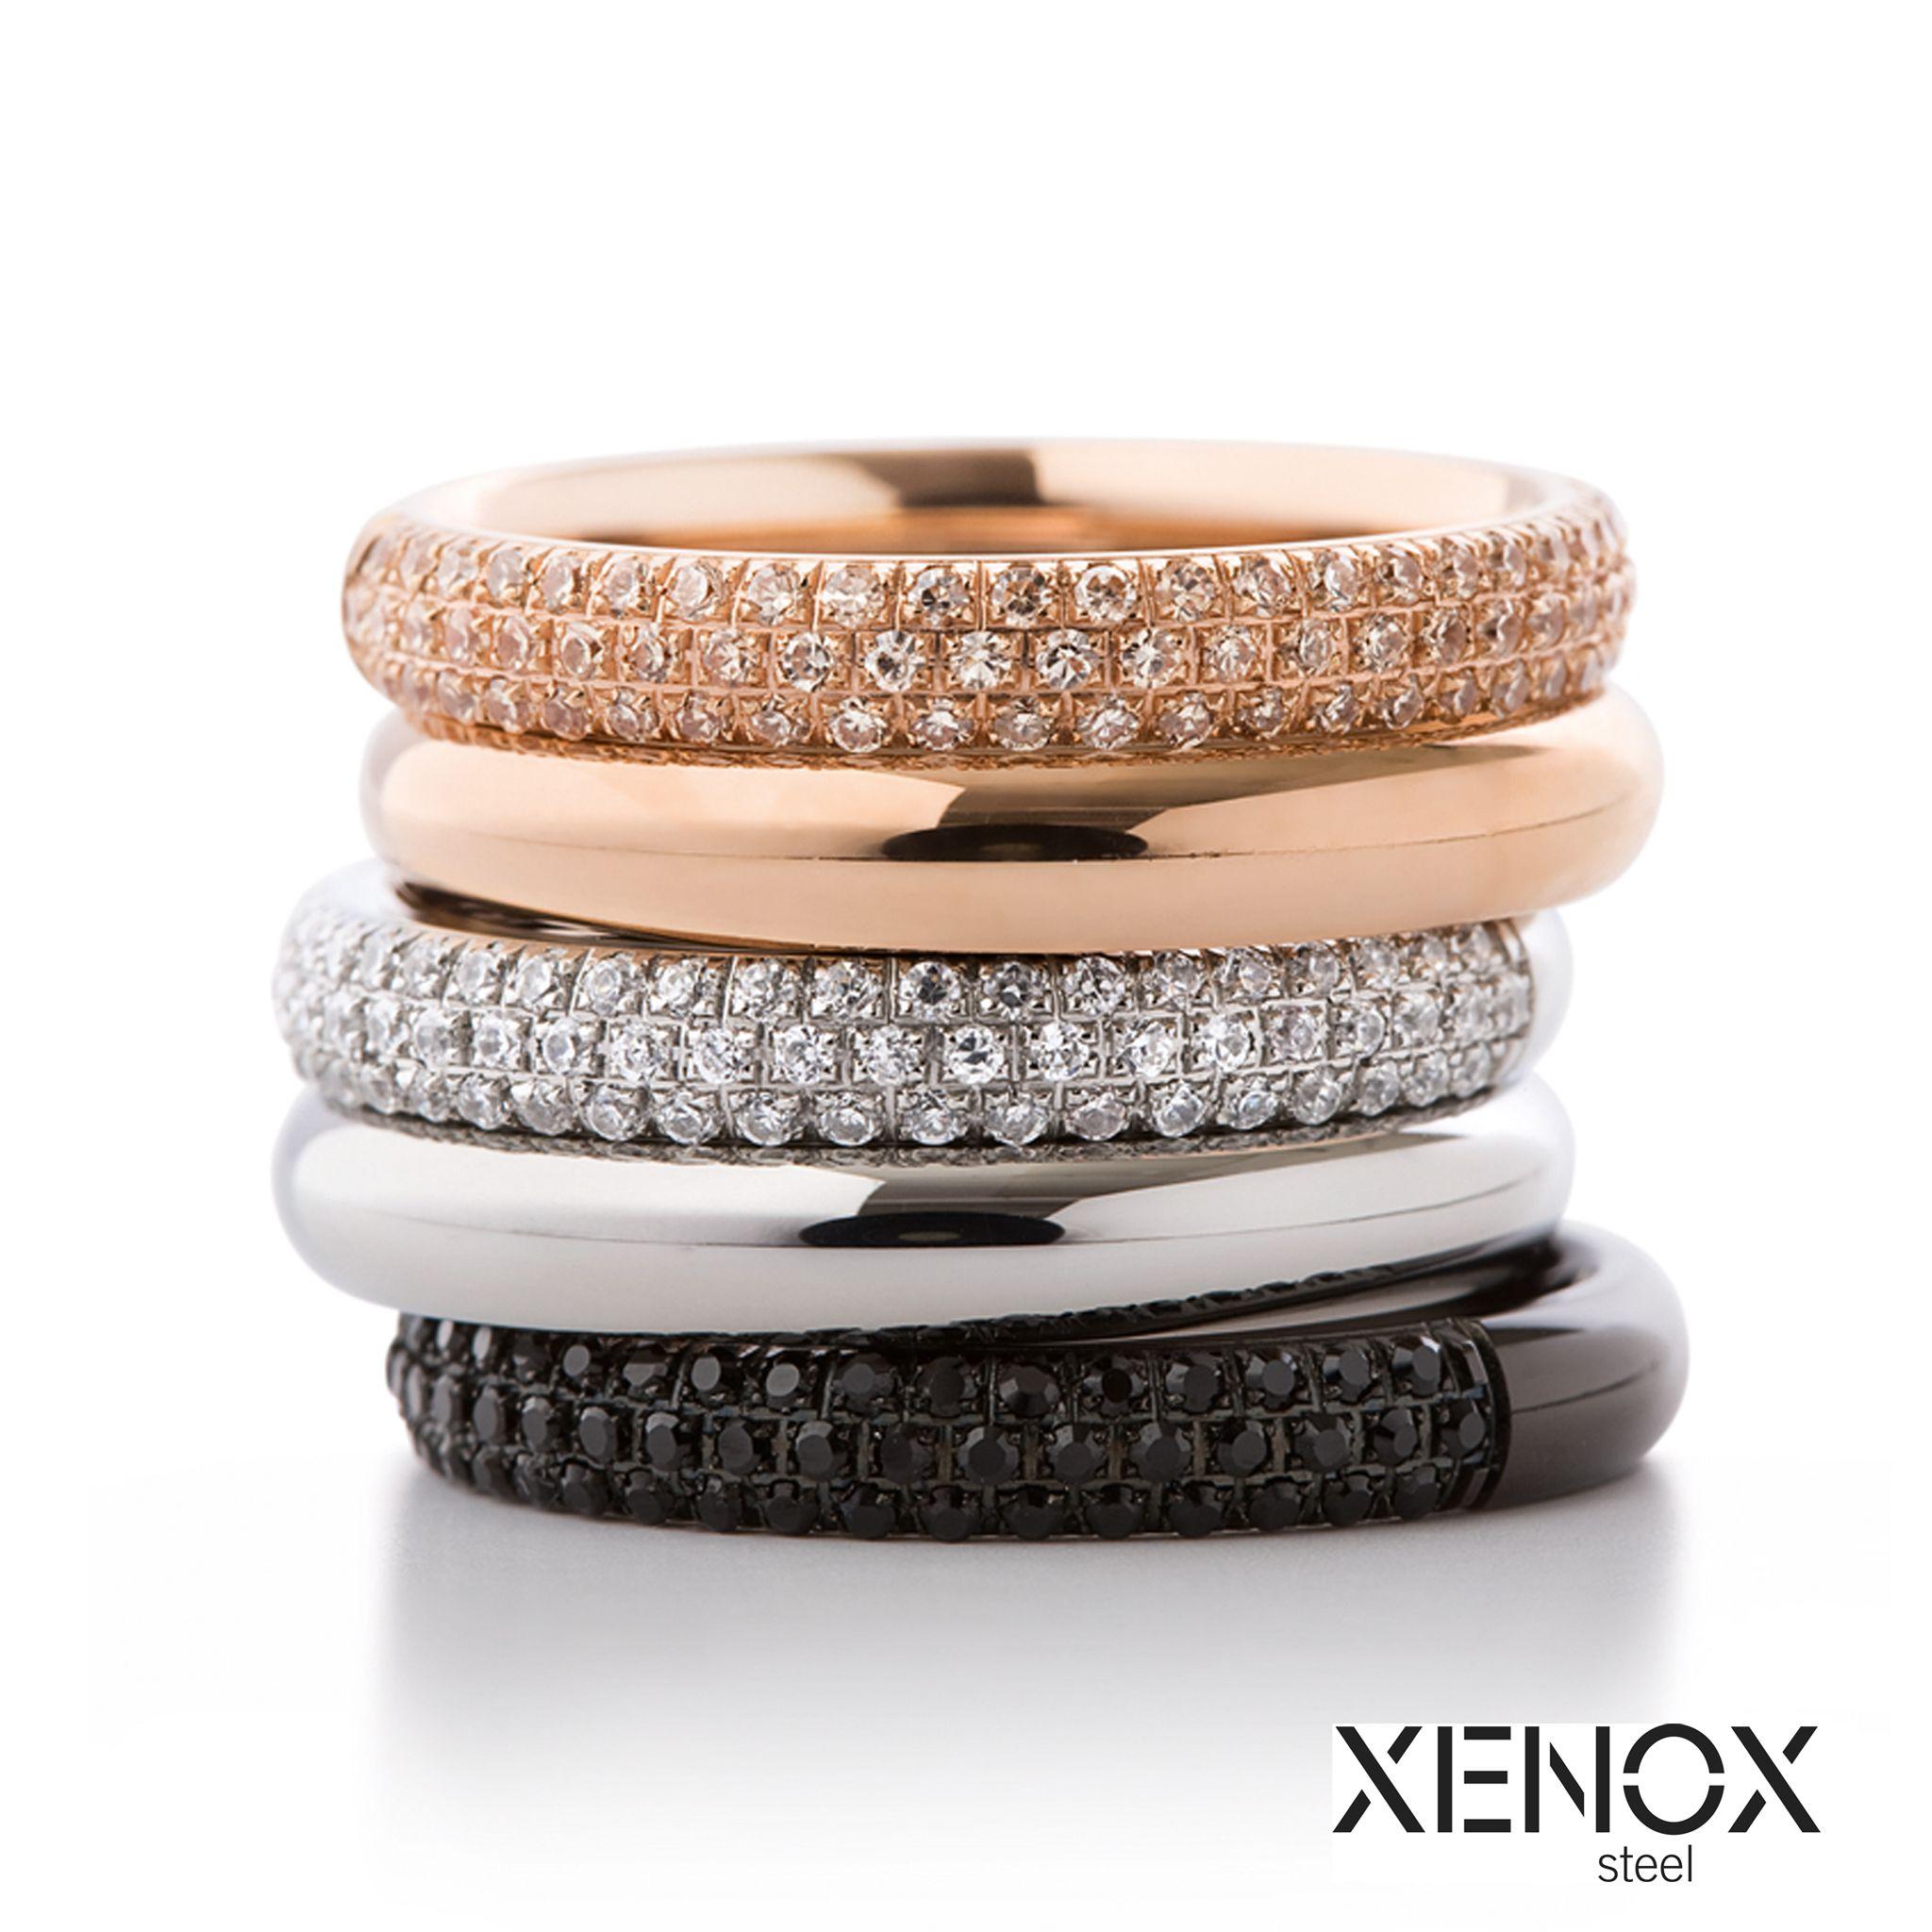 Xenox ringe online shop  Teurer Schmuck